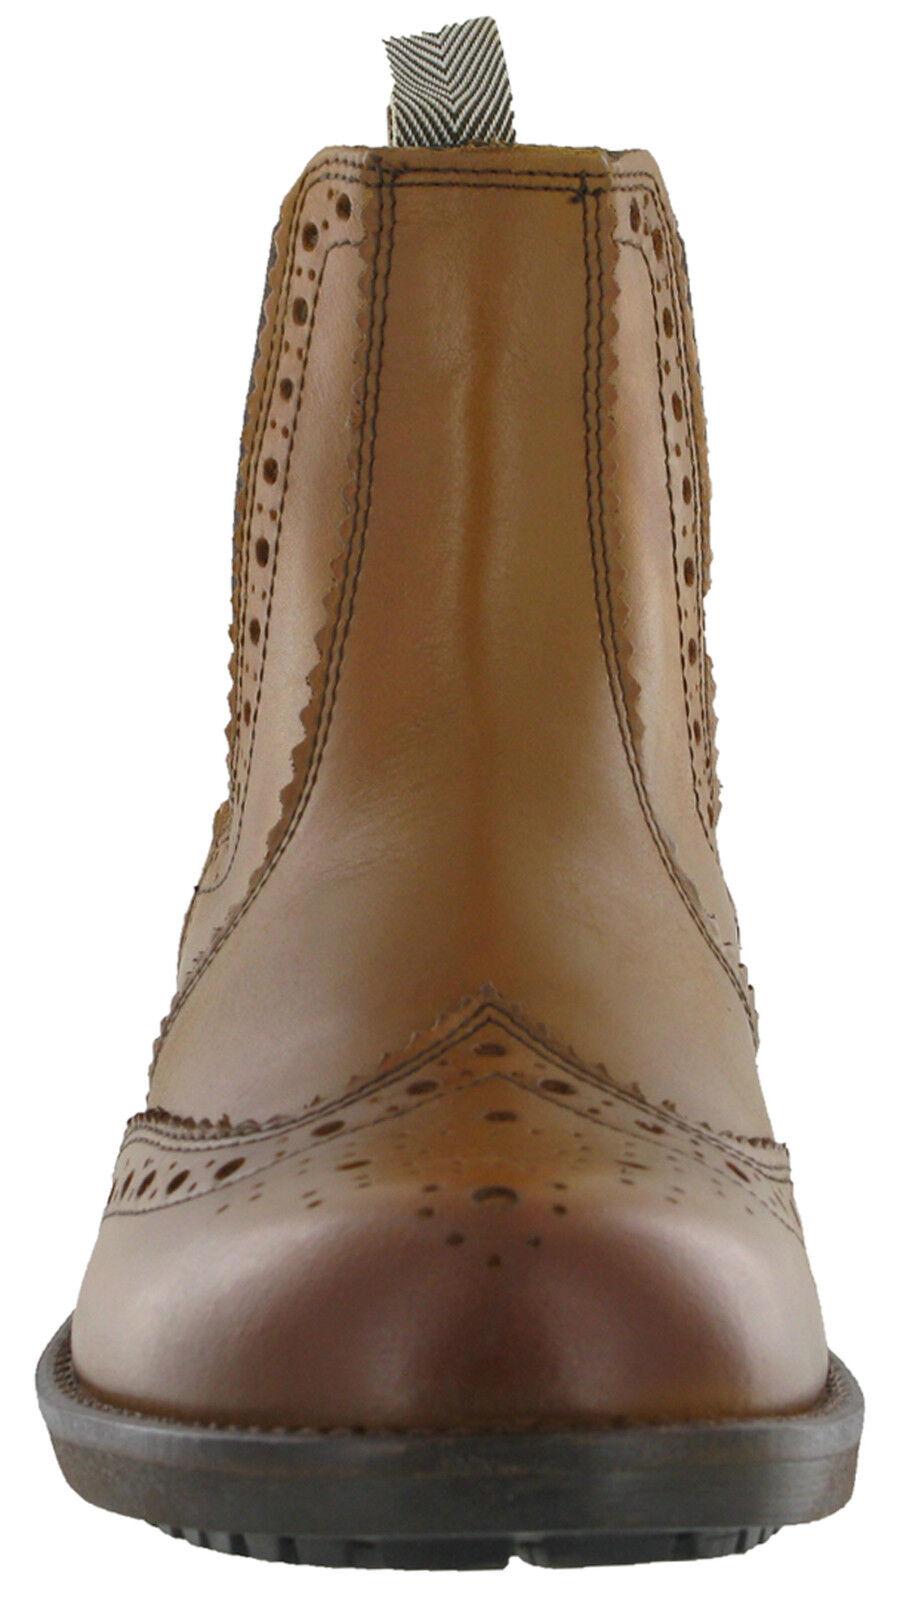 Roamers Distributeur Distributeur Distributeur Chaussures Richelieu Élastique Cheville Cuir Homme Coussin | Insolite  0c0725